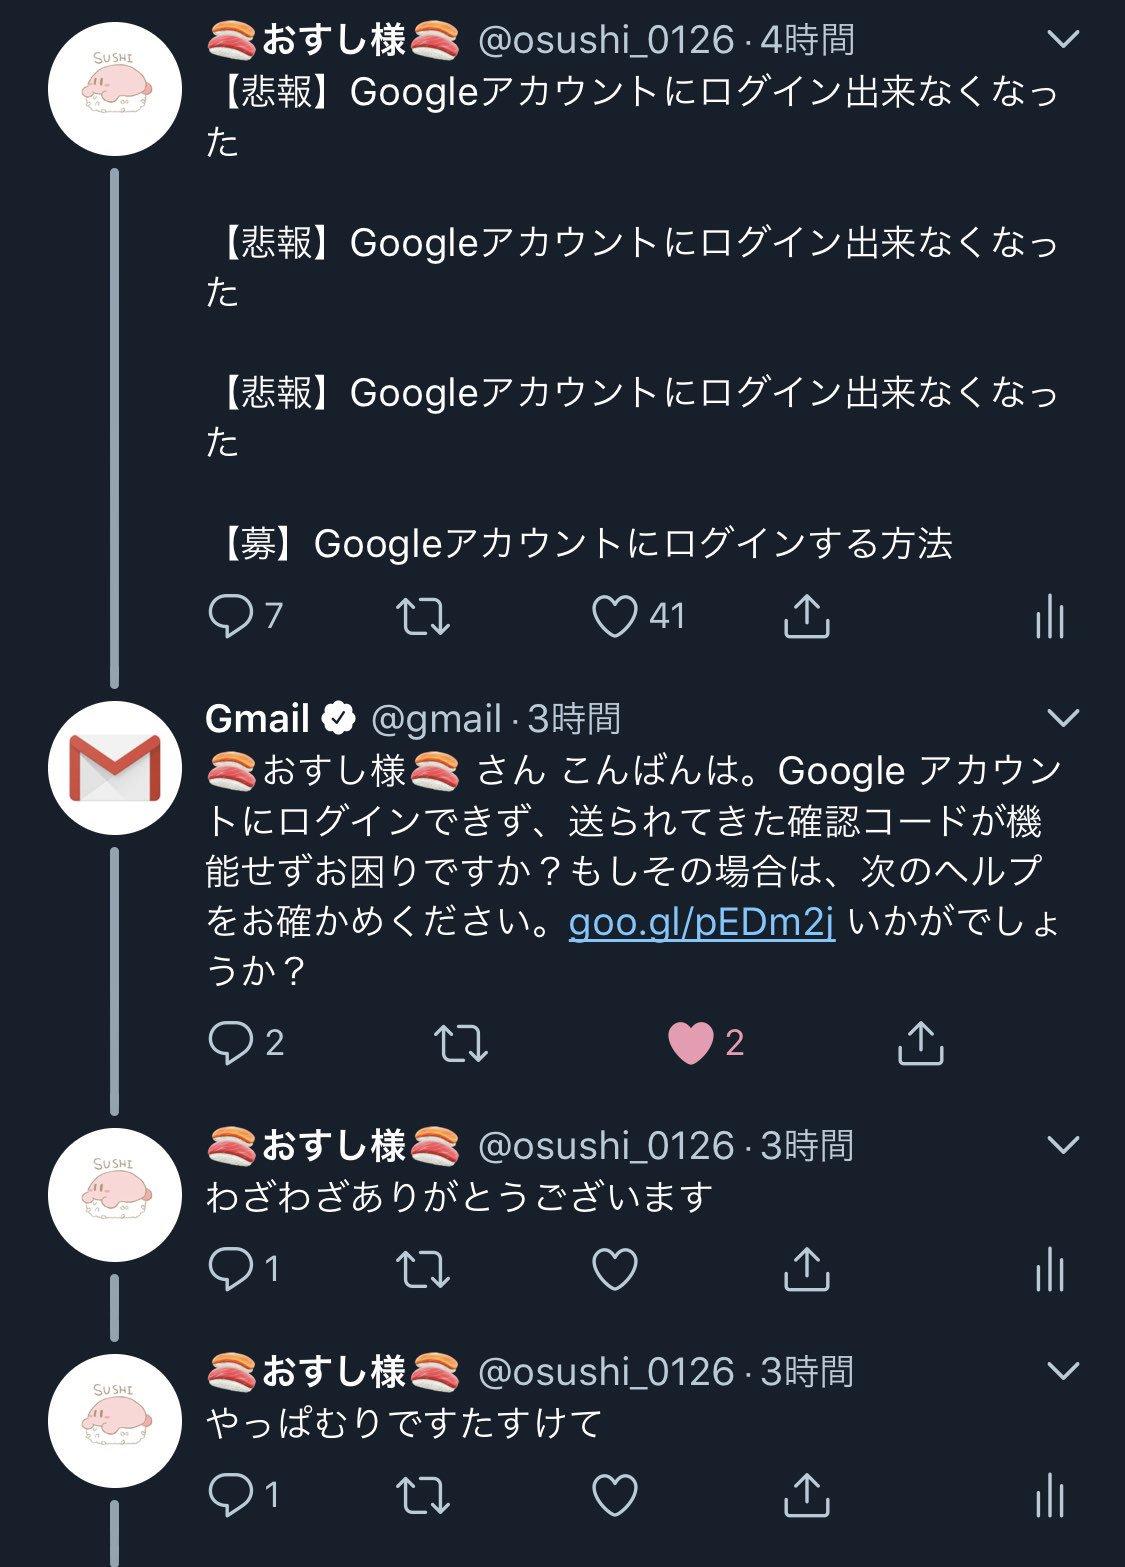 Googleアカウントにログインできなくなった結果?Gmailの運営が解決策をTwitterで提案www